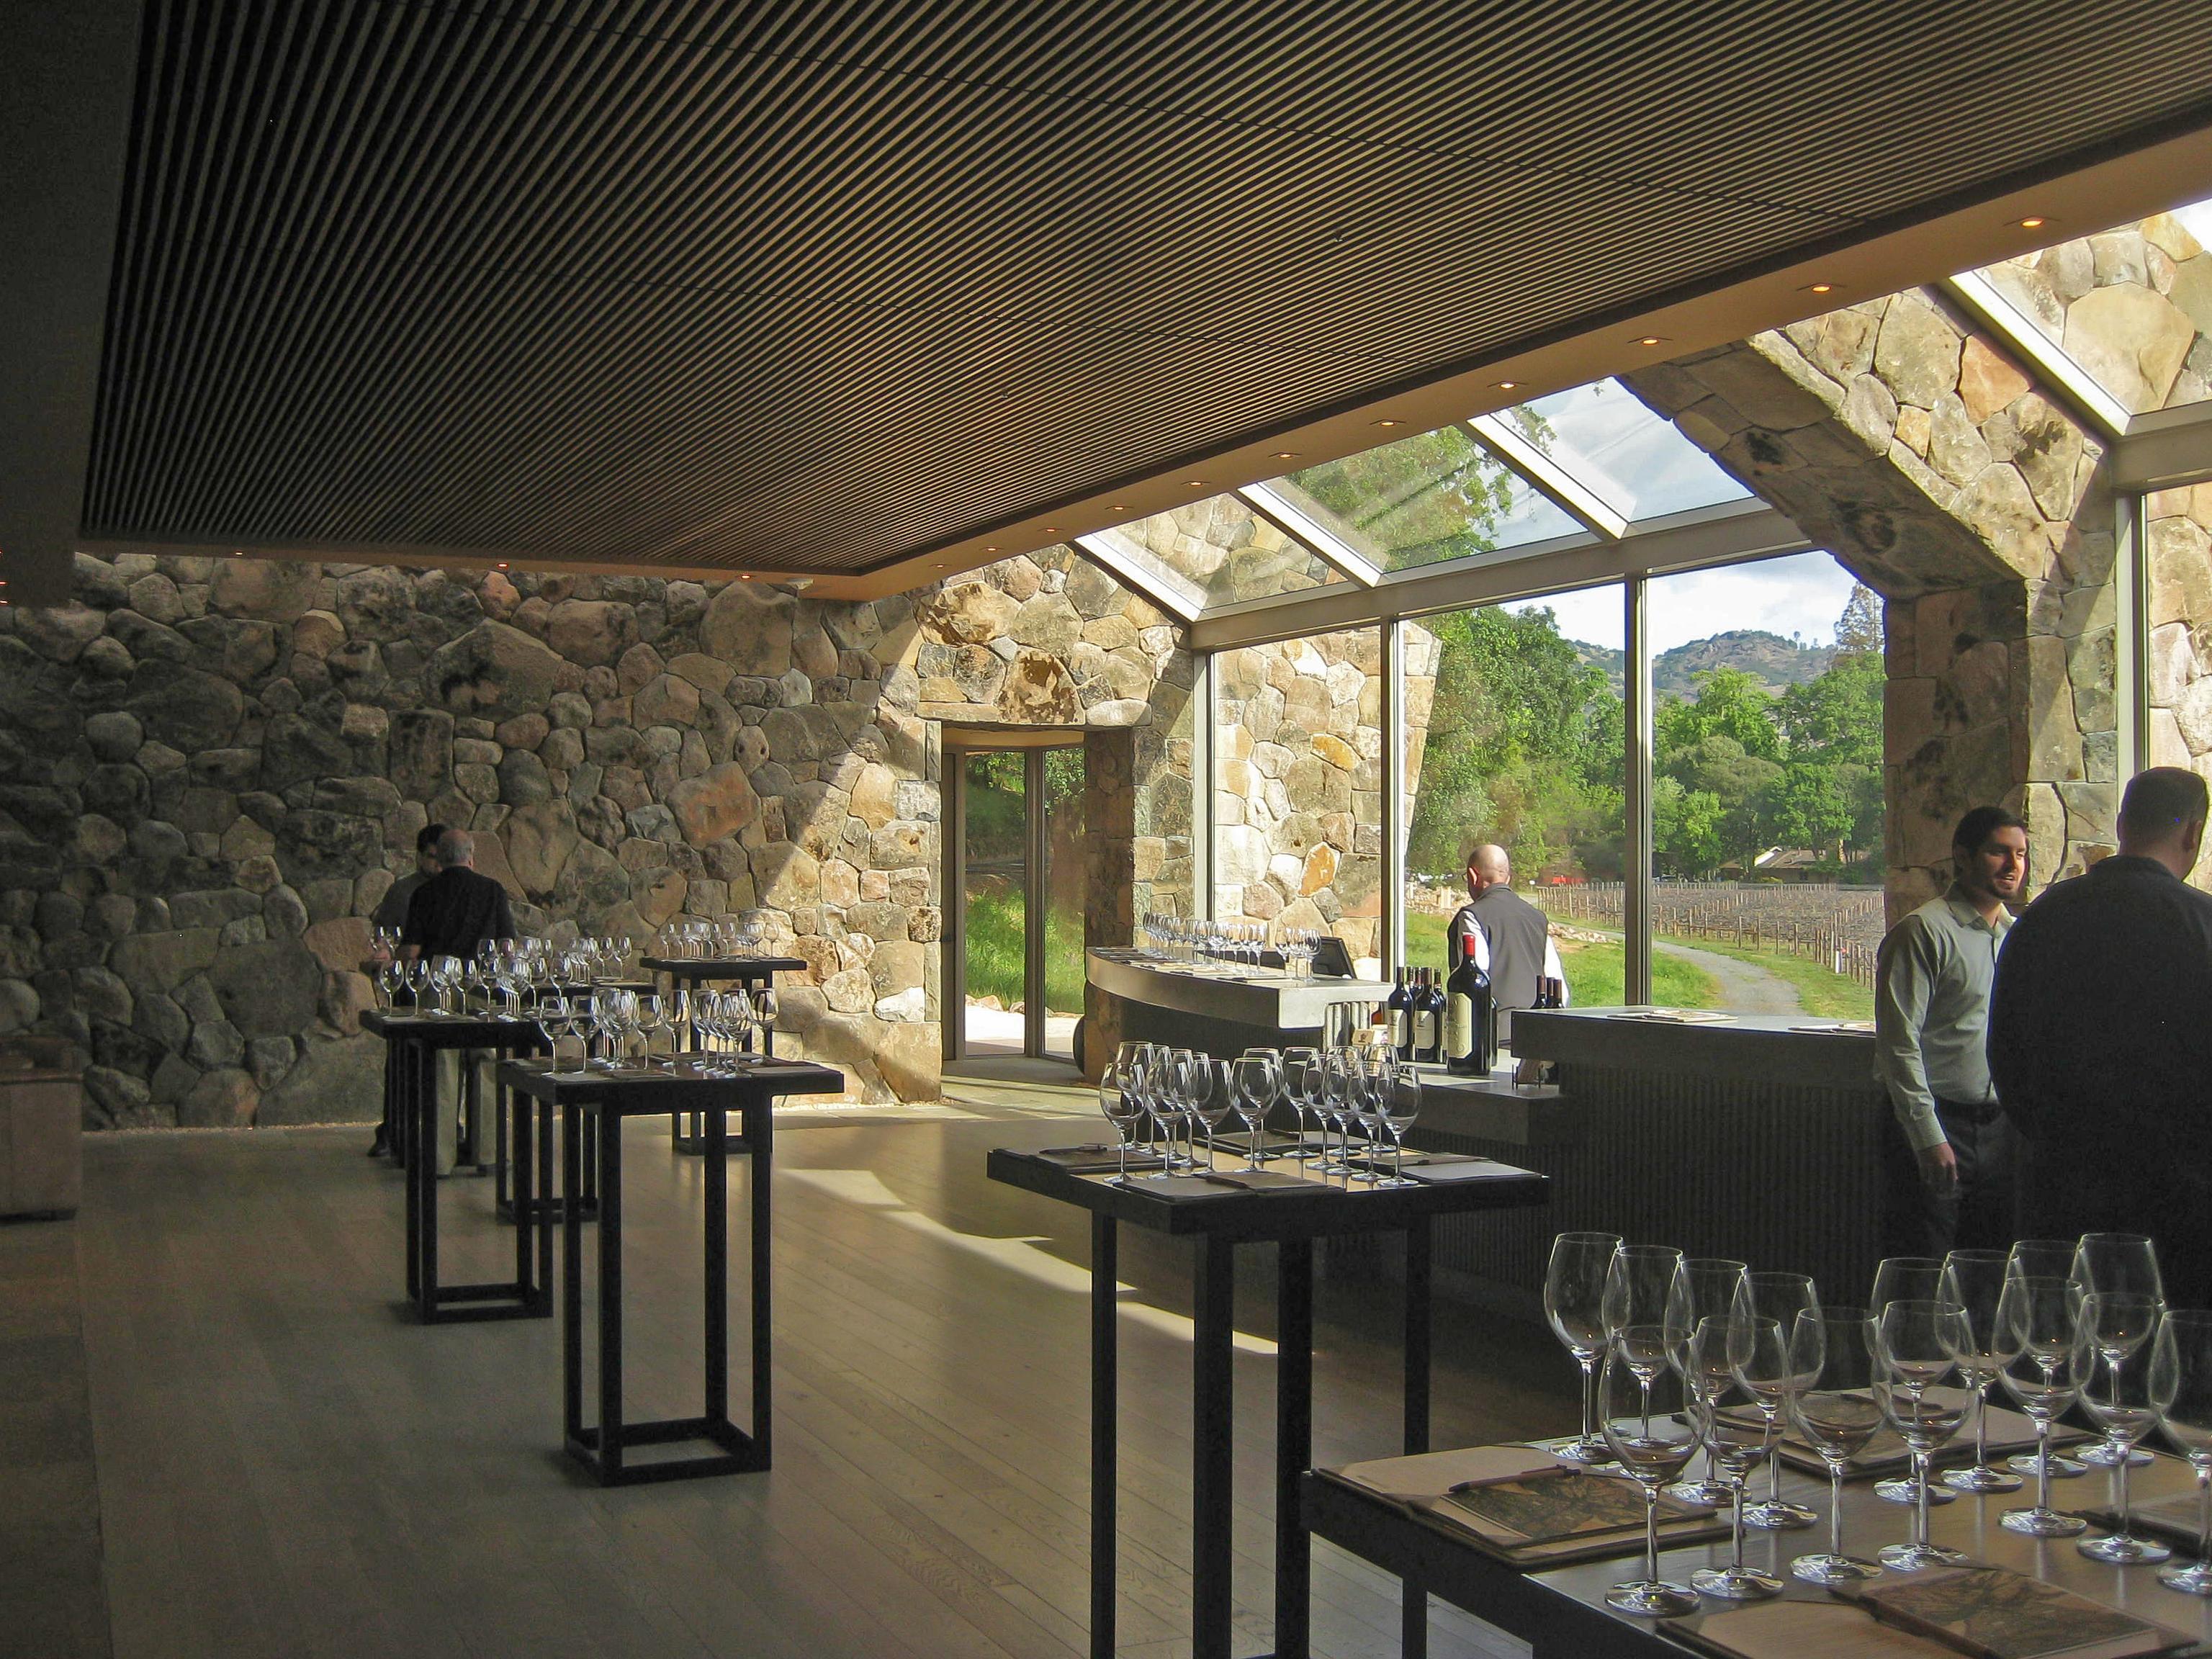 2. SLWC Tasting Room